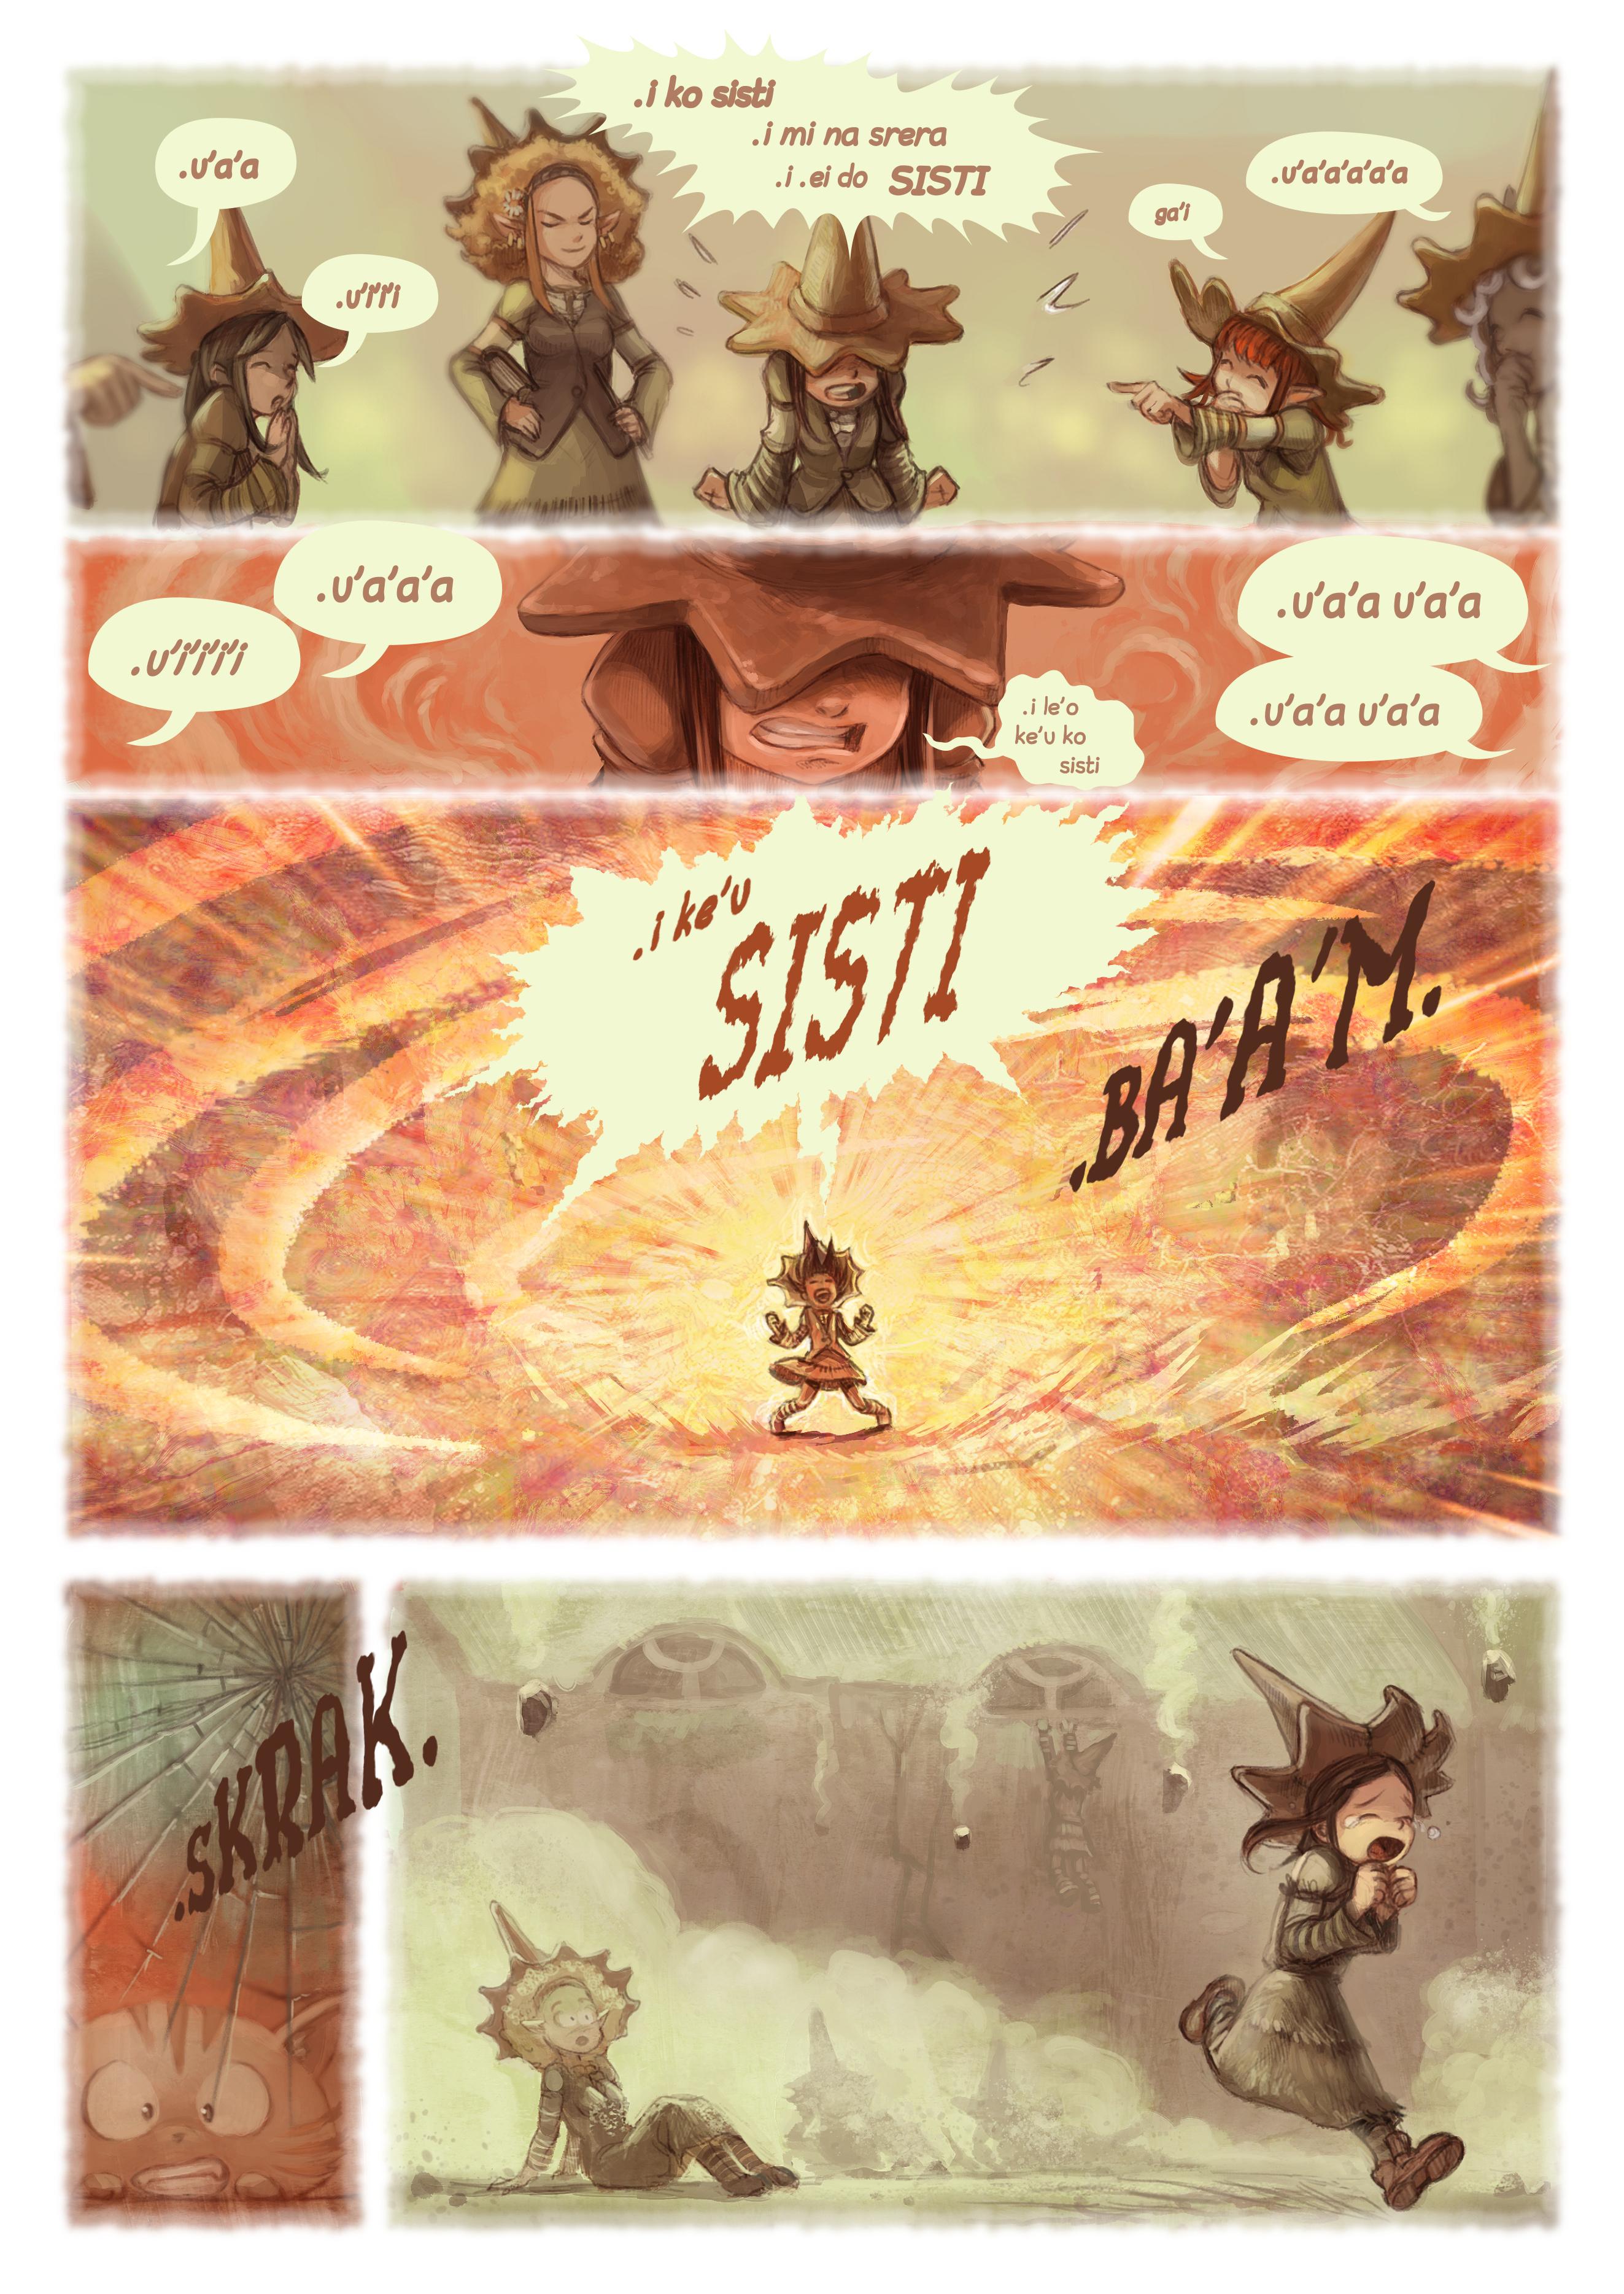 i 18 mo'o lisri le nu penmi, Page 4